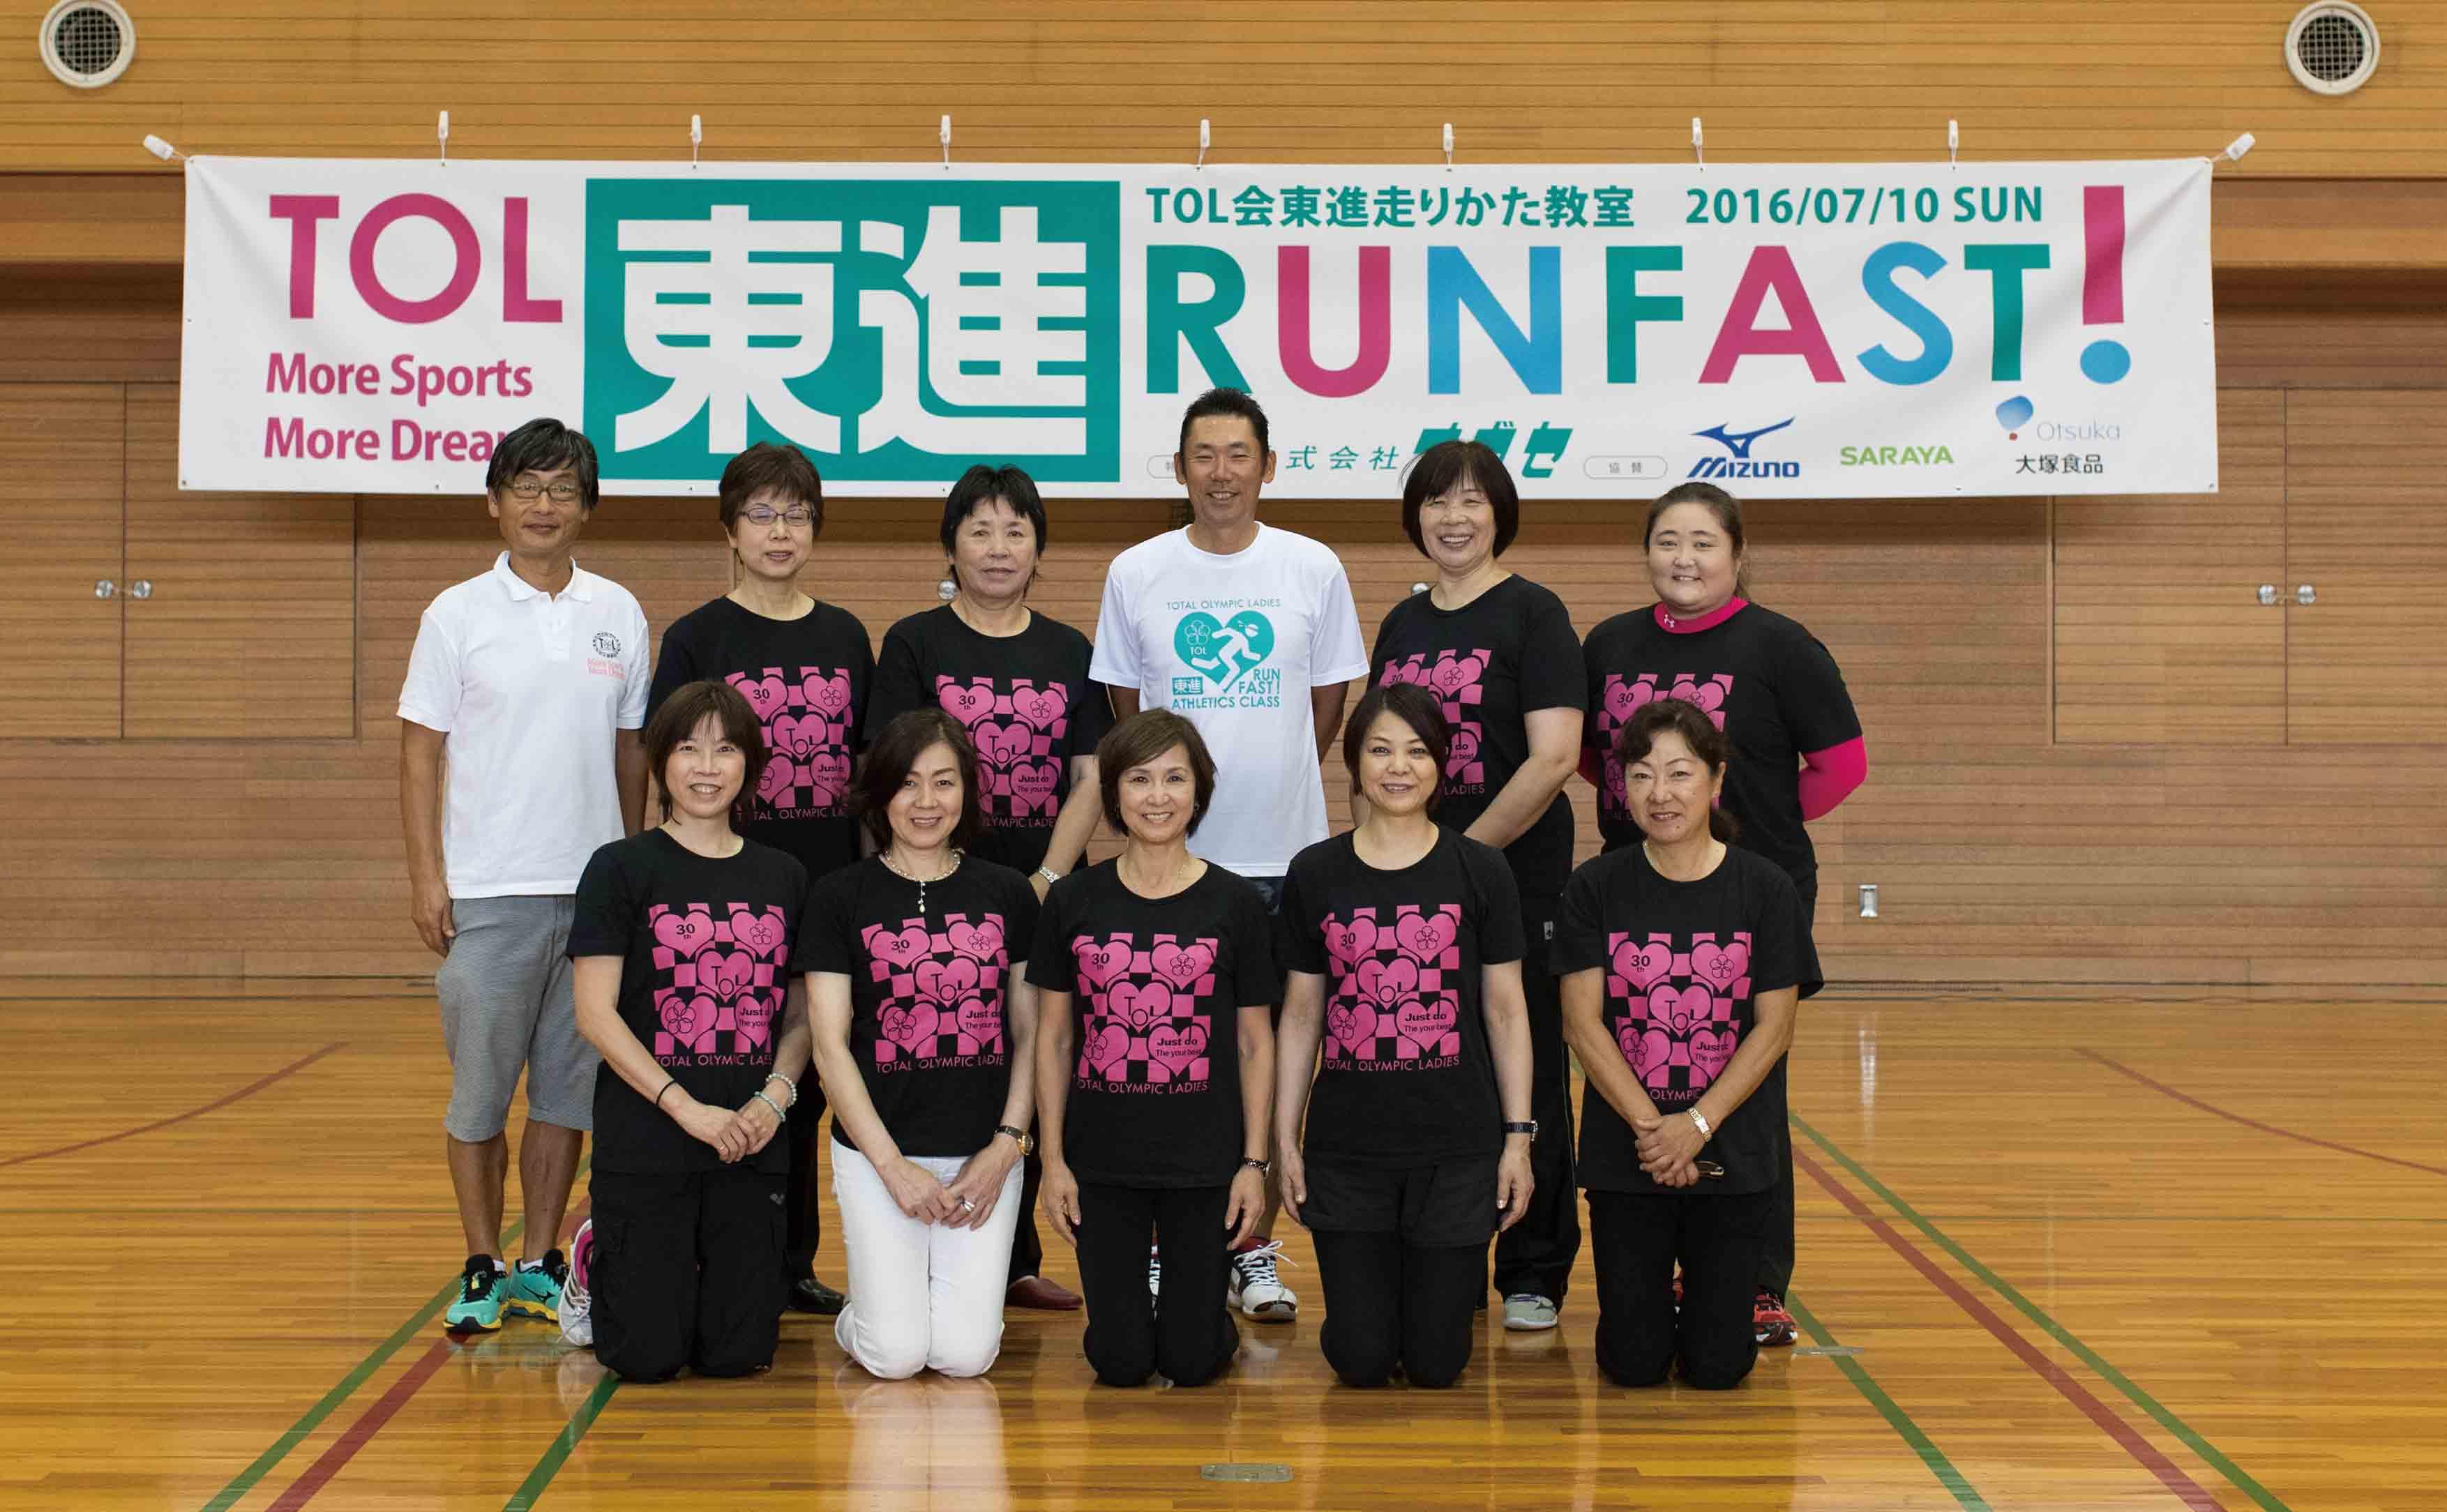 2016年走りかた教室幹事写真20160710